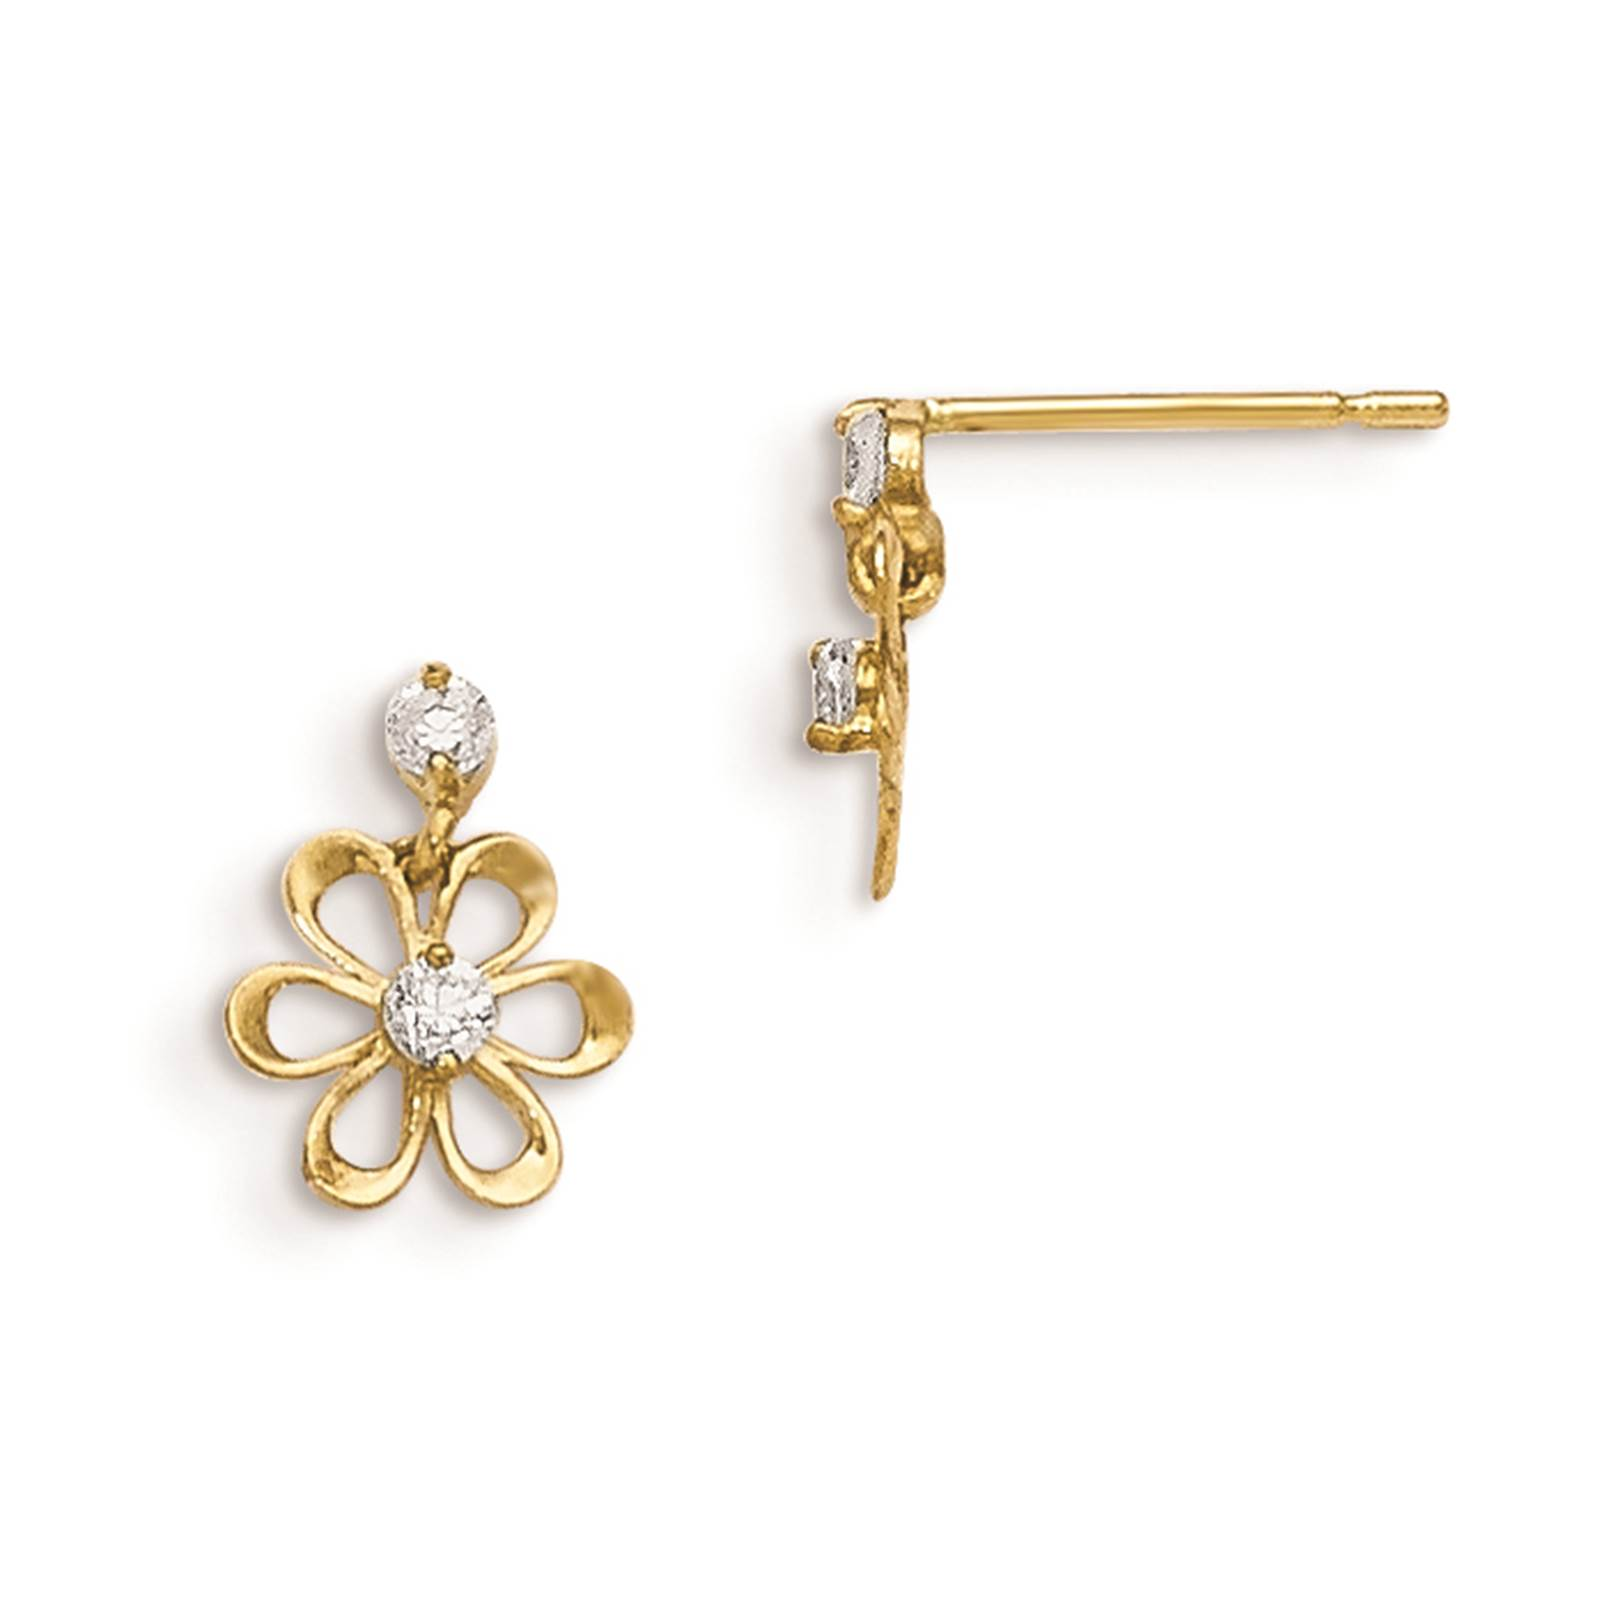 Madi K 14k Yellow Gold Children's Flower Dangle Post Earrings